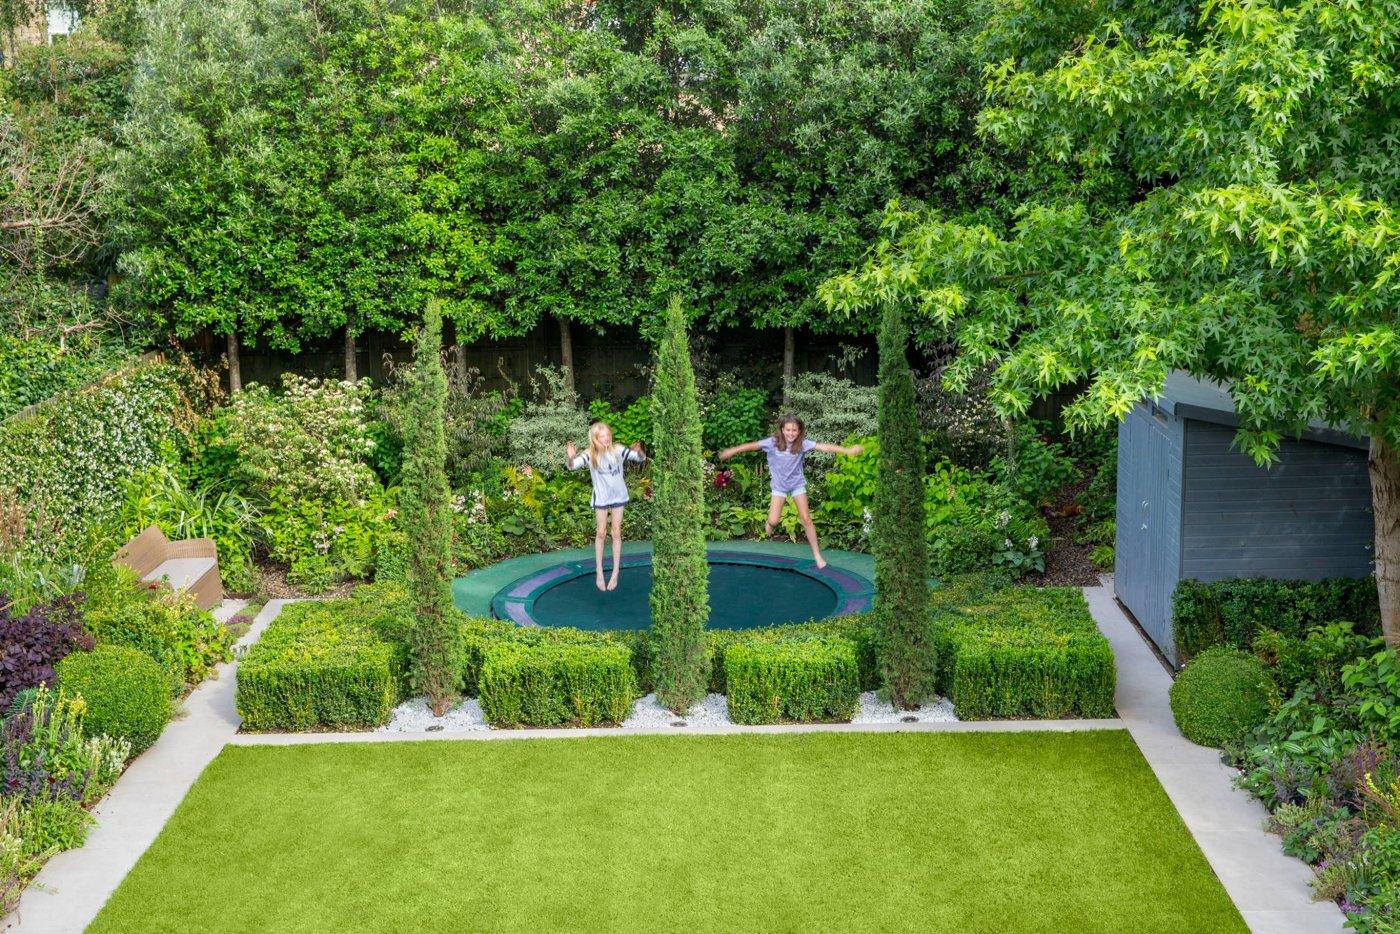 Trampolin Spielplatz Kinder Rasenfläche abtrennen